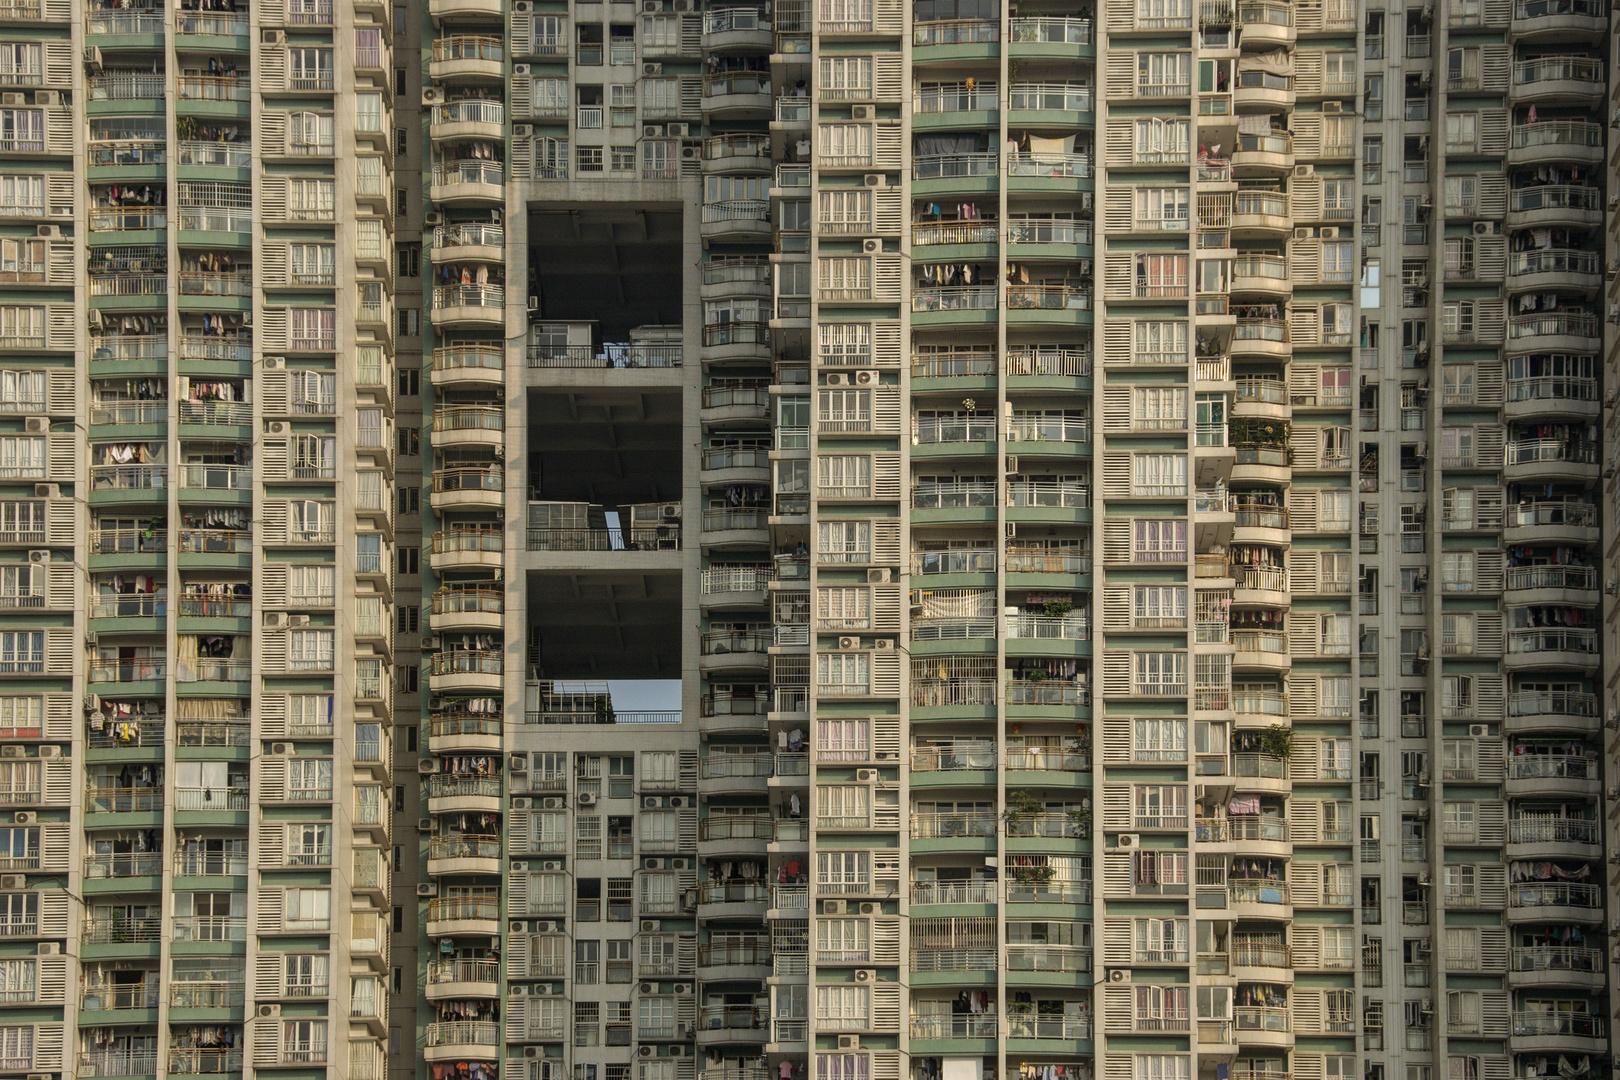 451 - Guangzhou